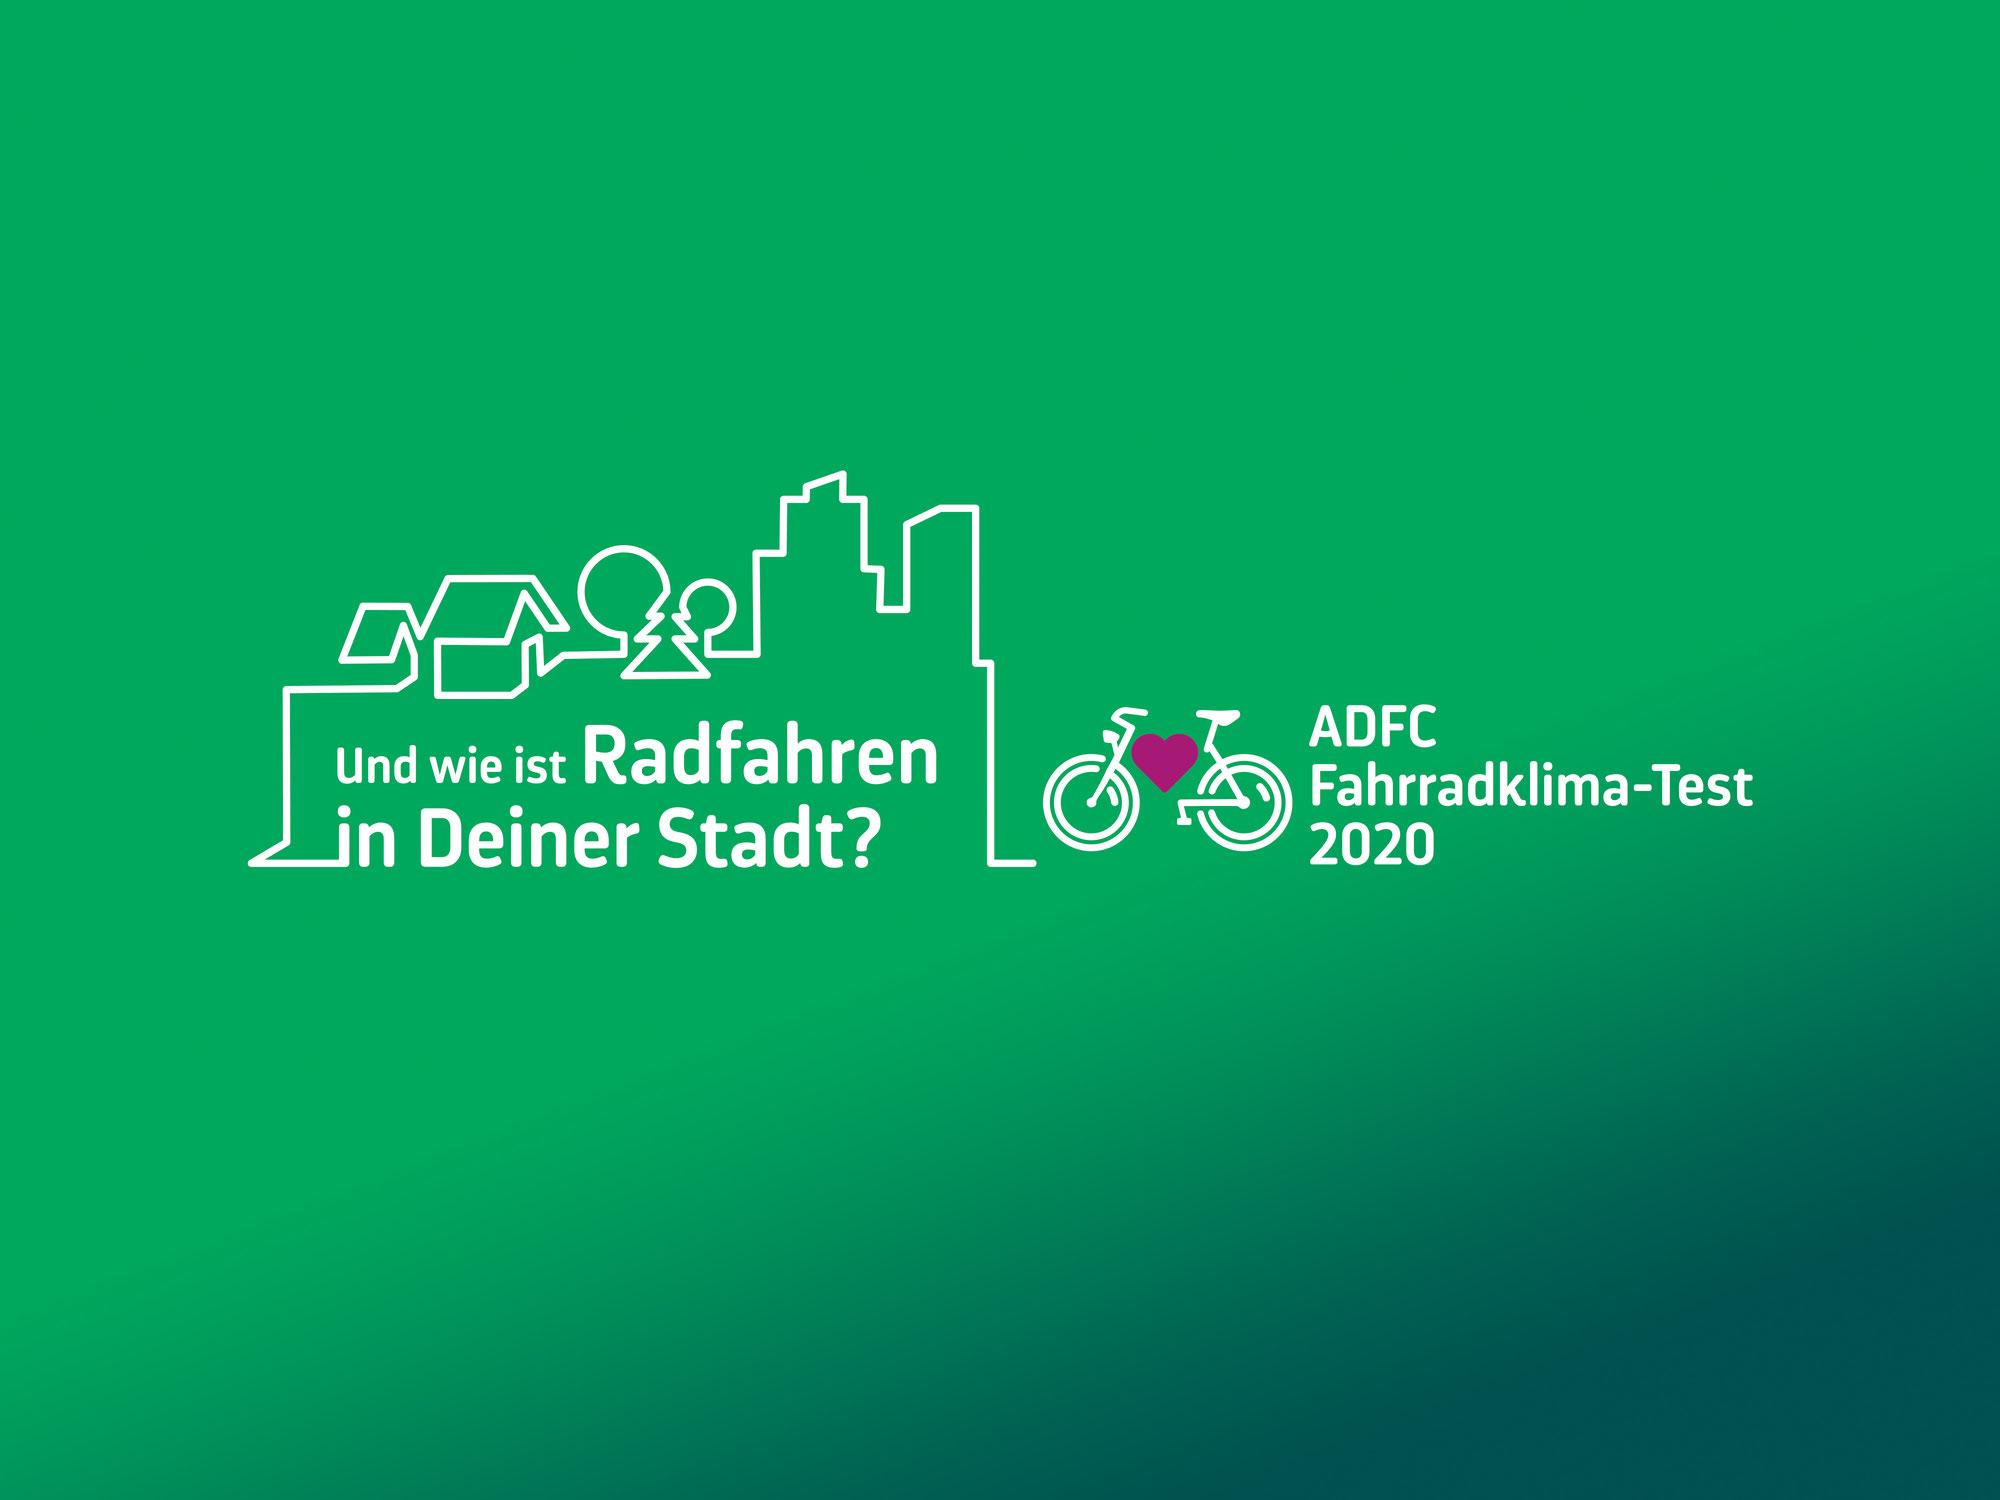 ADFC-Fahrradklima-Test 2020  Frankfurt steigt in die Fahrrad-Spitzenklasse auf